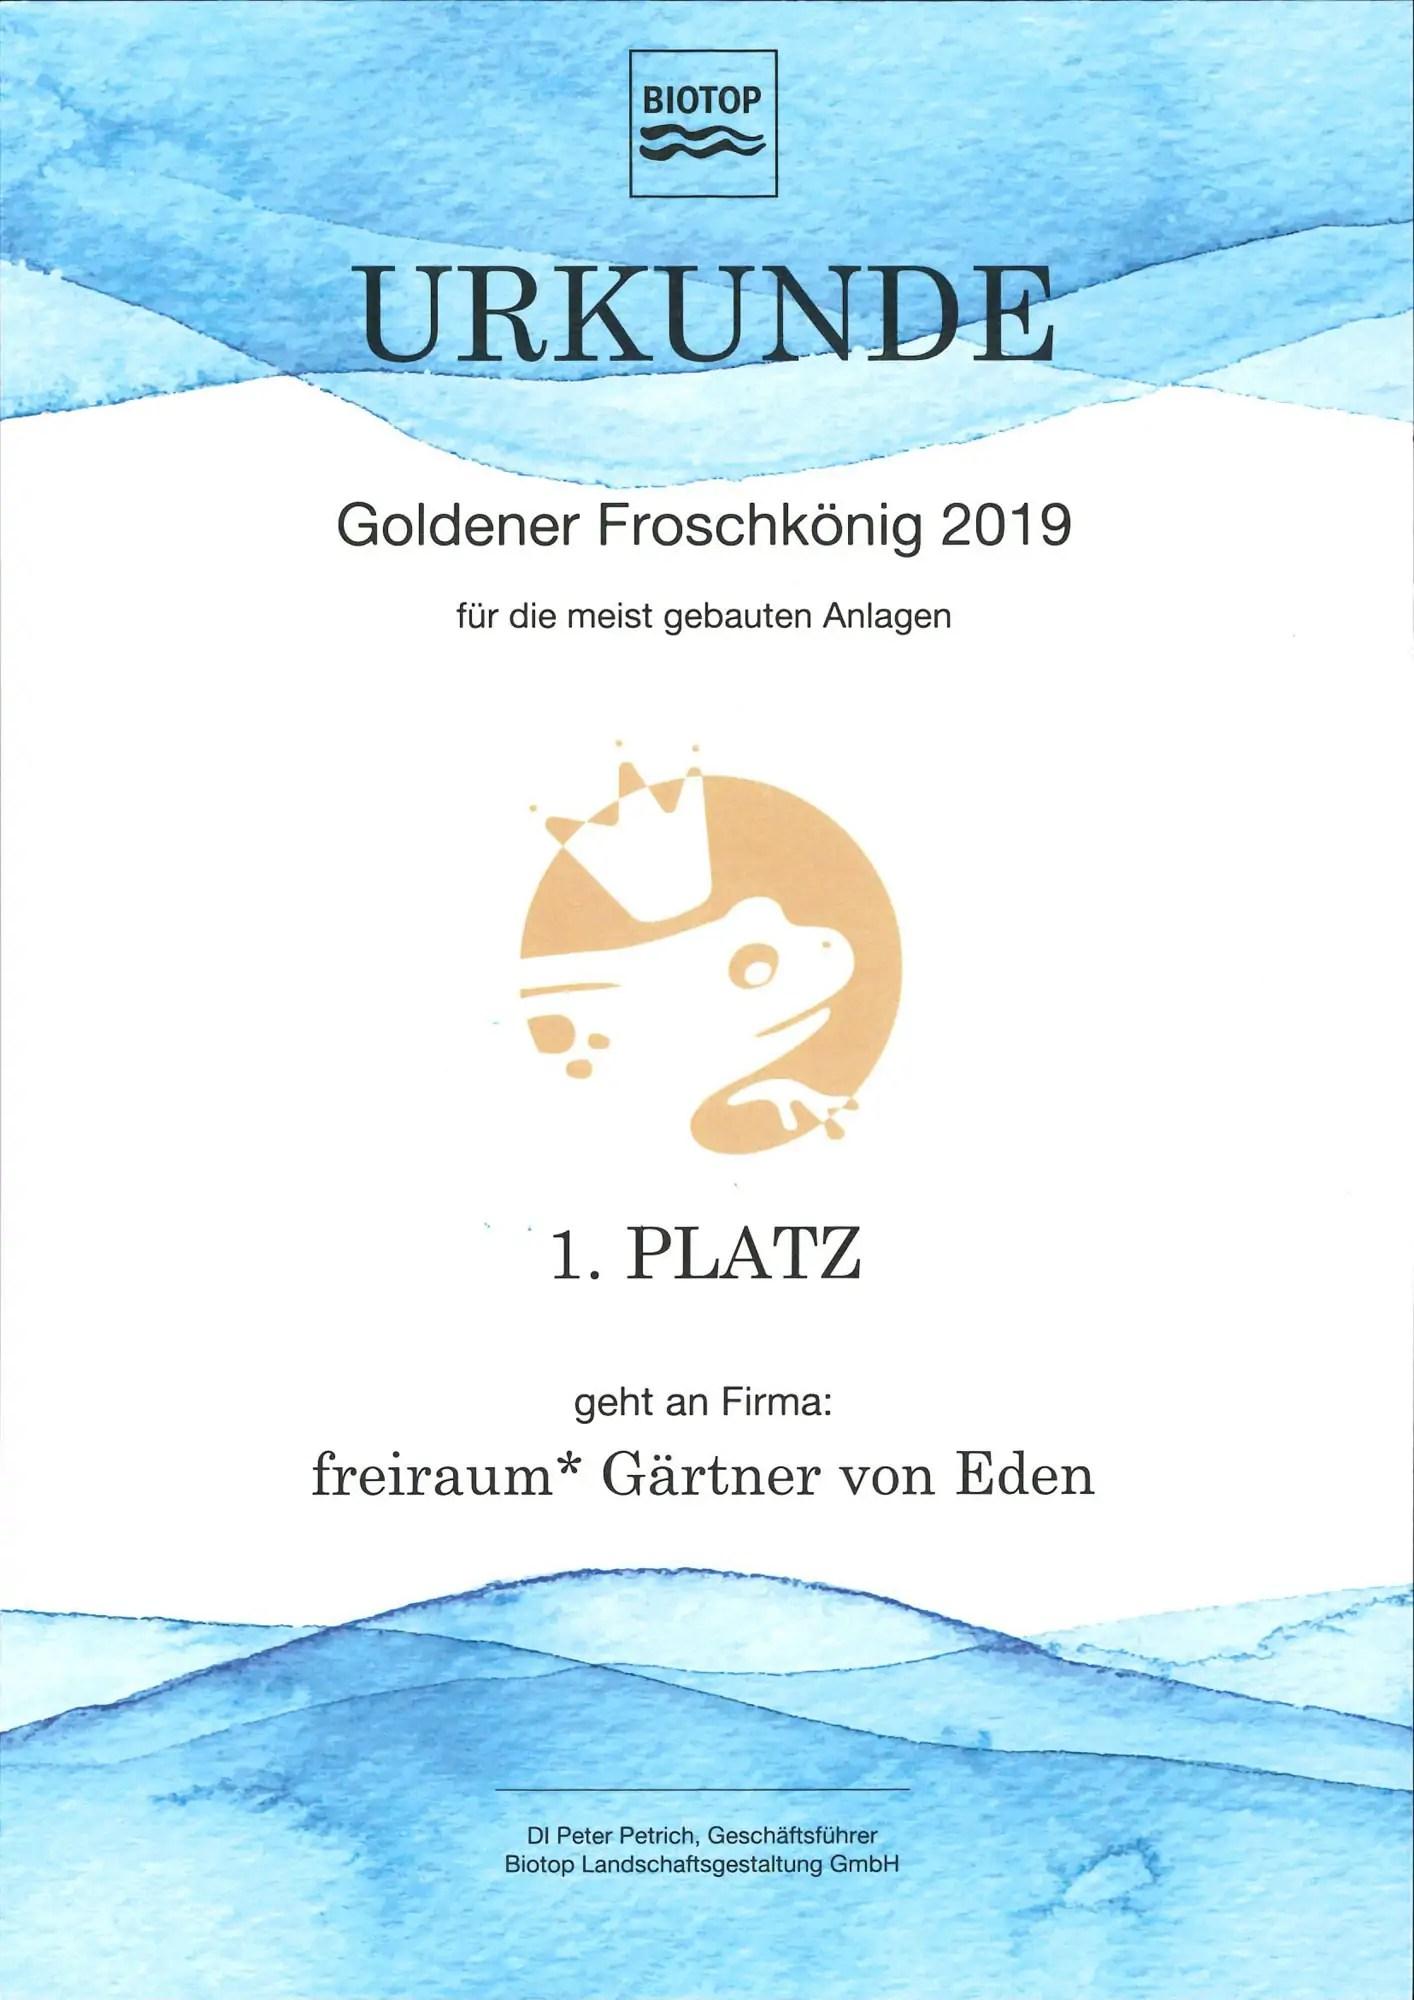 FREIRAUM Urkunde meist gebaute Anlagen 2019